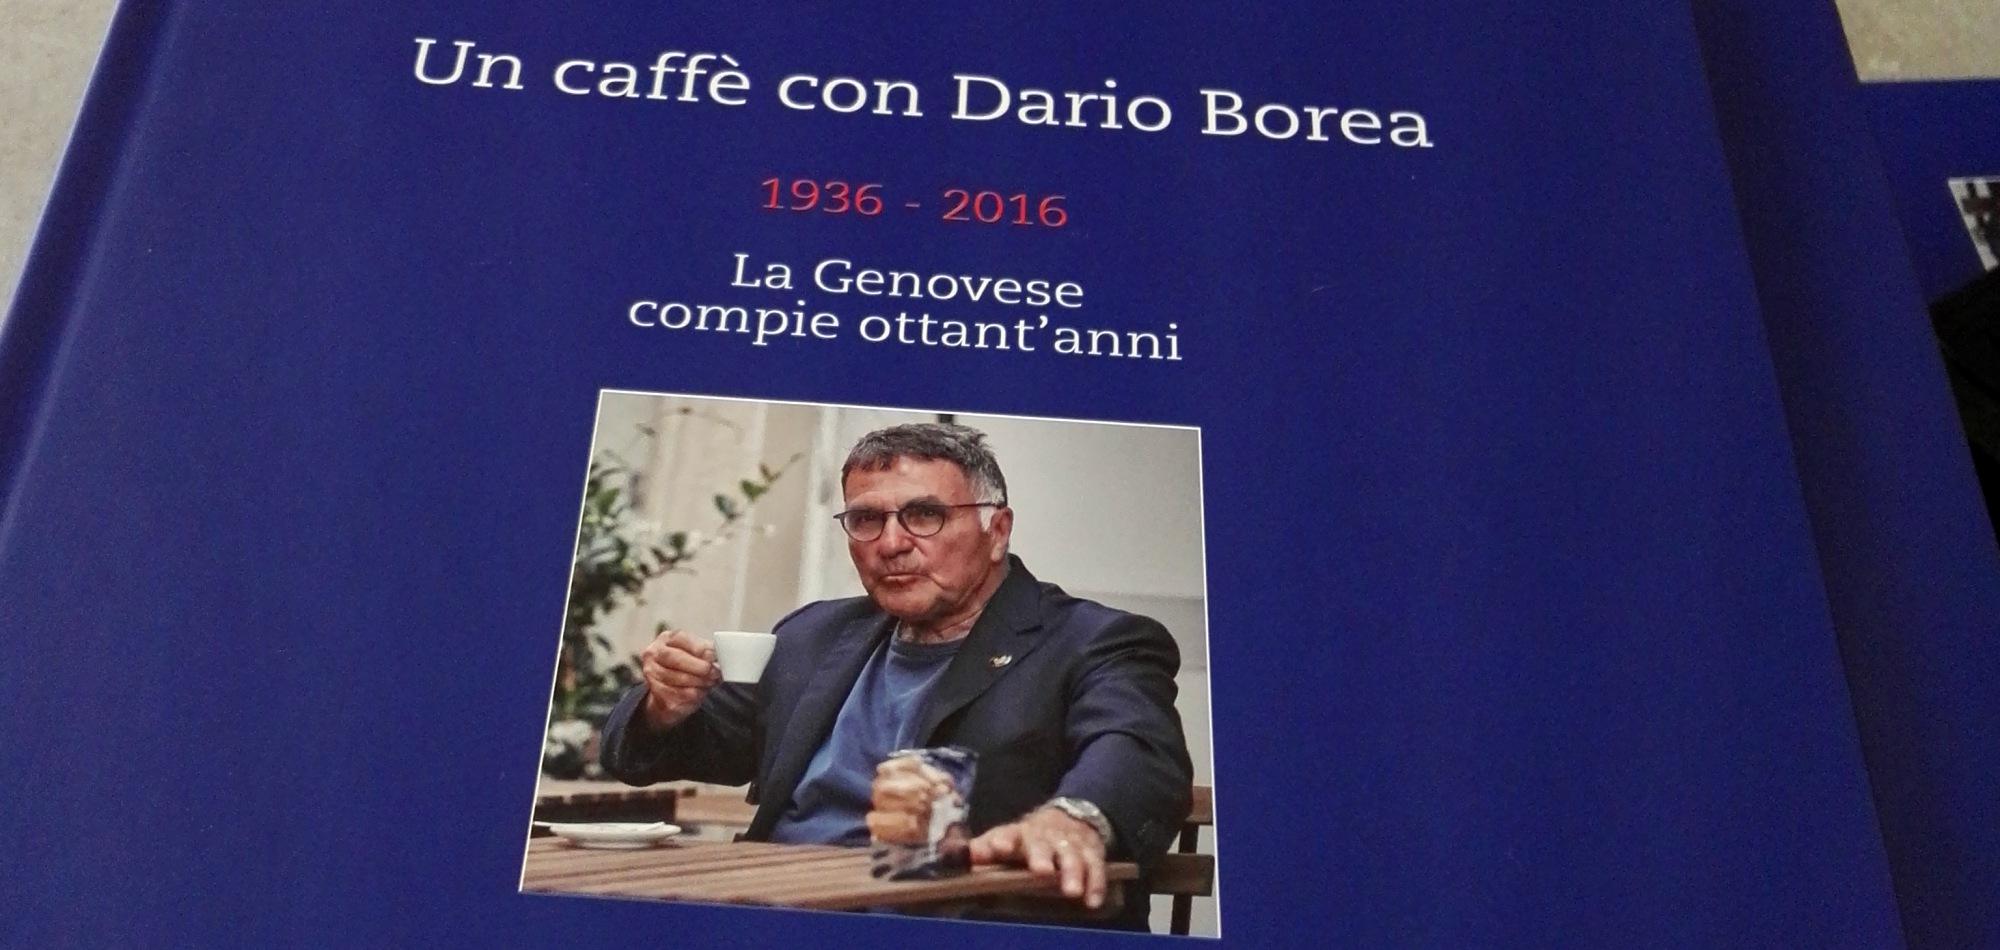 Libro La Genovese Un caffè con Dario Borea